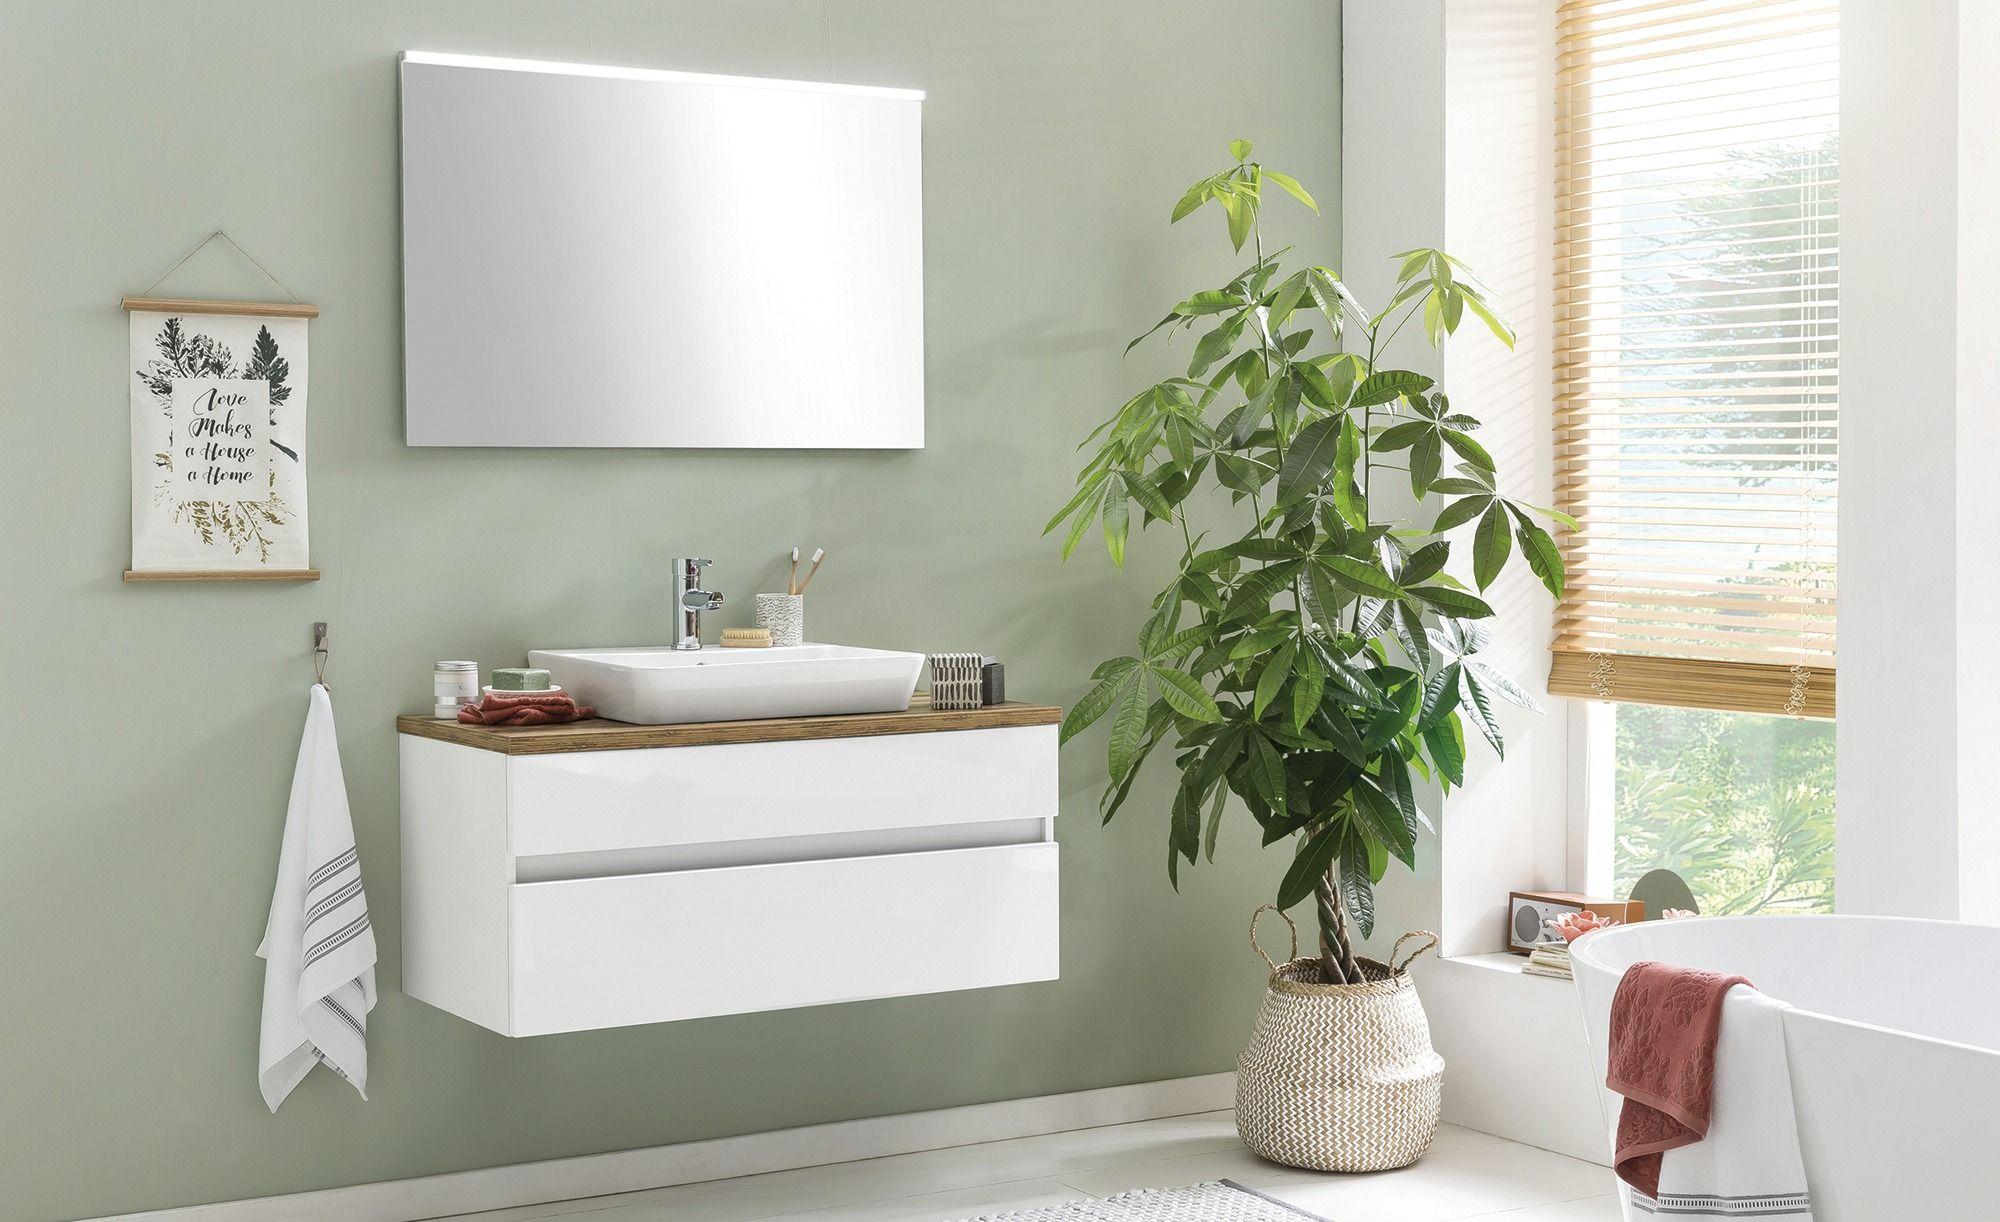 Badezimmer Kombination Zierker See Gefunden Bei Mobel Hoffner Bad Einrichten Badezimmer Waschtischplatte